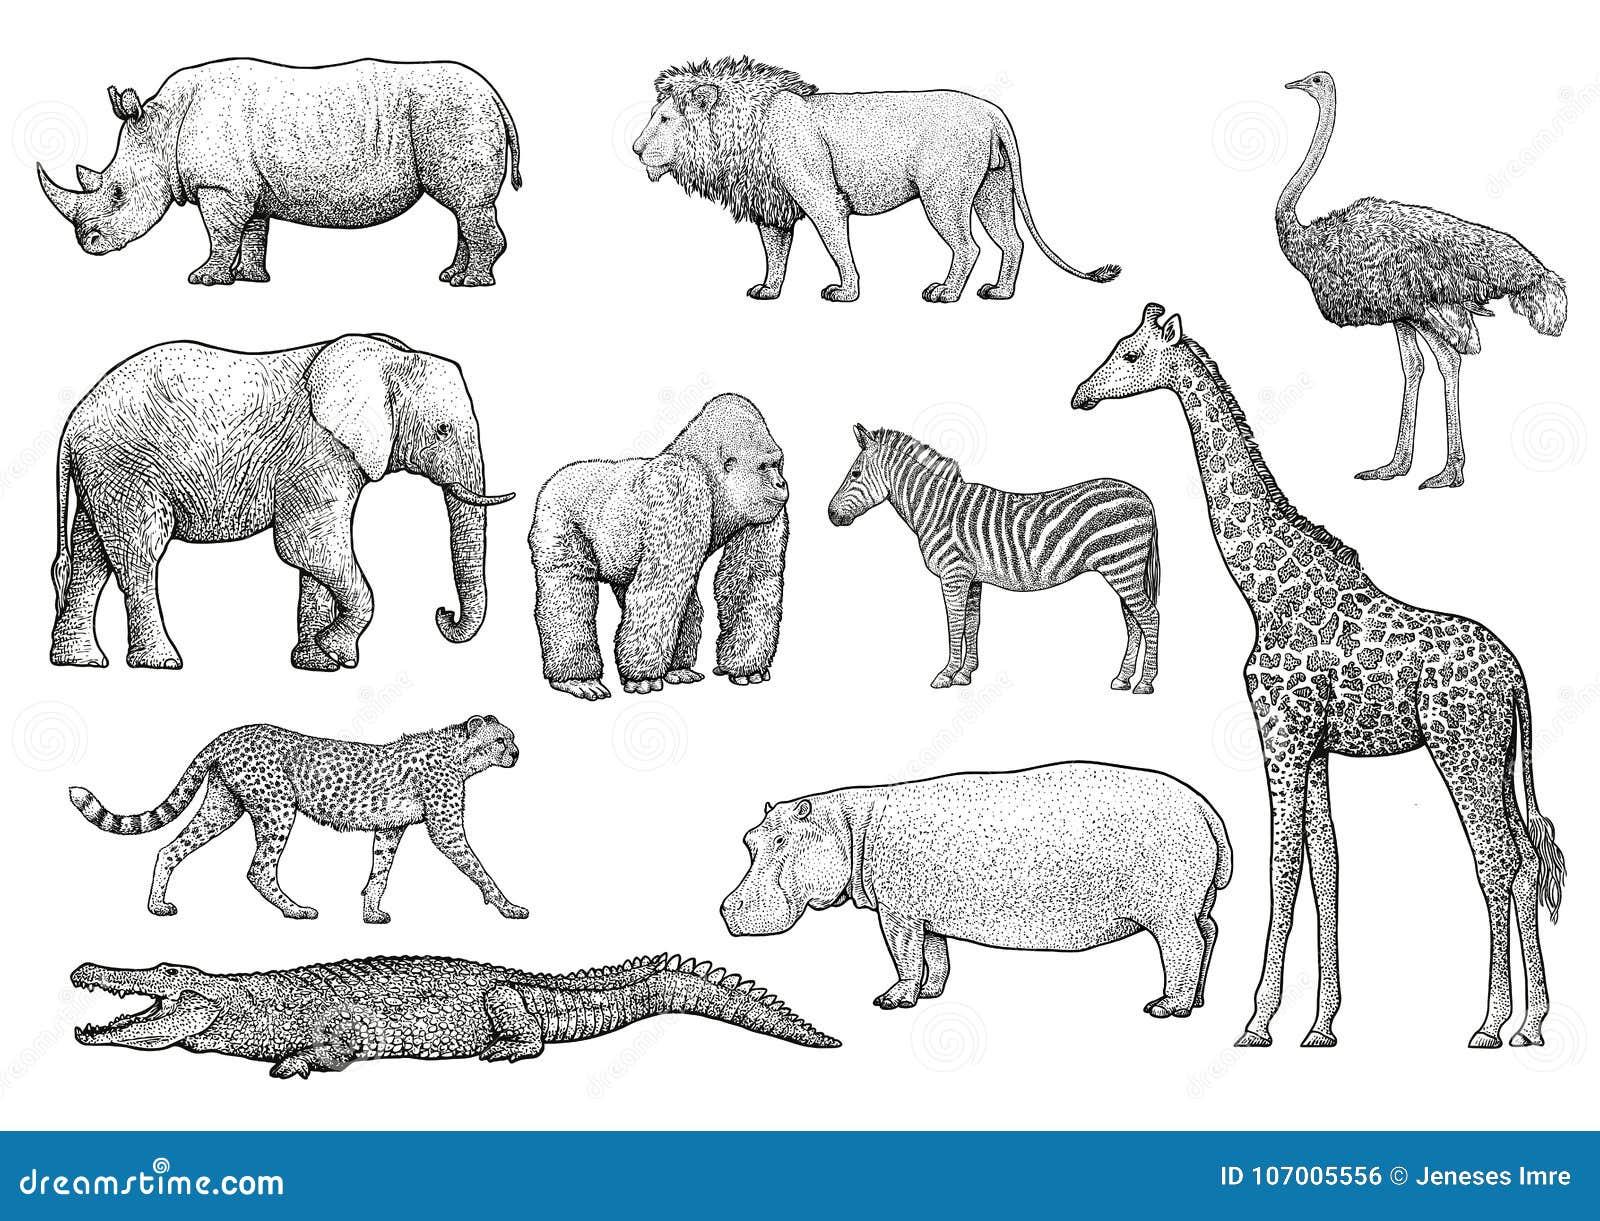 Illustration Africaine D'animaux, Dessin, Gravure, Encre, Schéma, Vecteur Illustration De